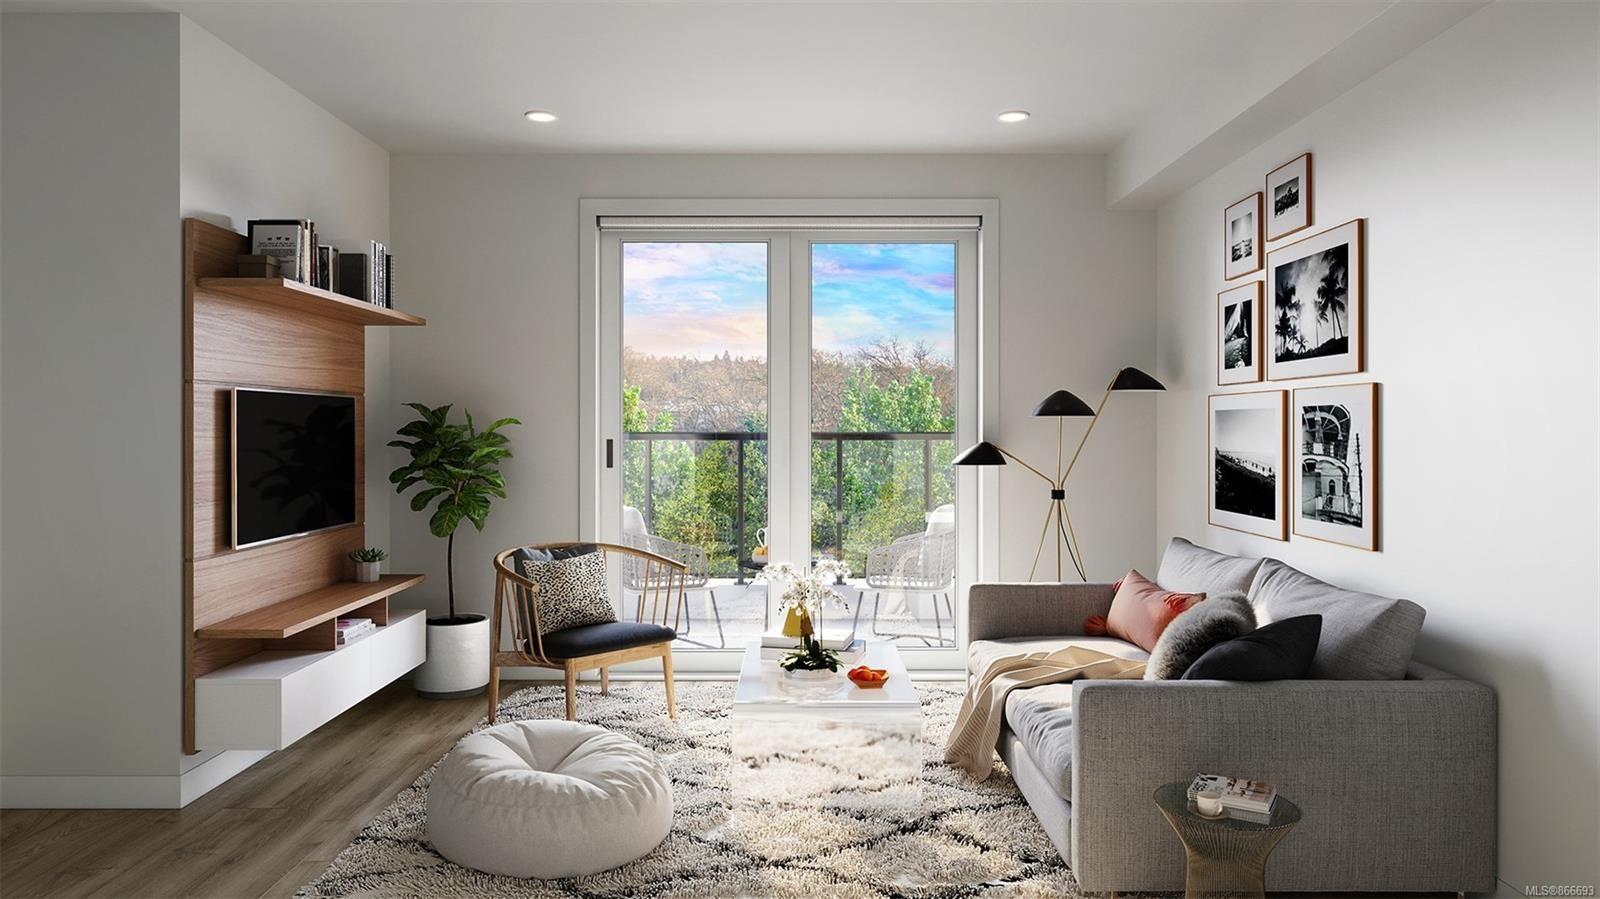 Main Photo: 311 1301 Hillside Ave in : Vi Oaklands Condo for sale (Victoria)  : MLS®# 866693